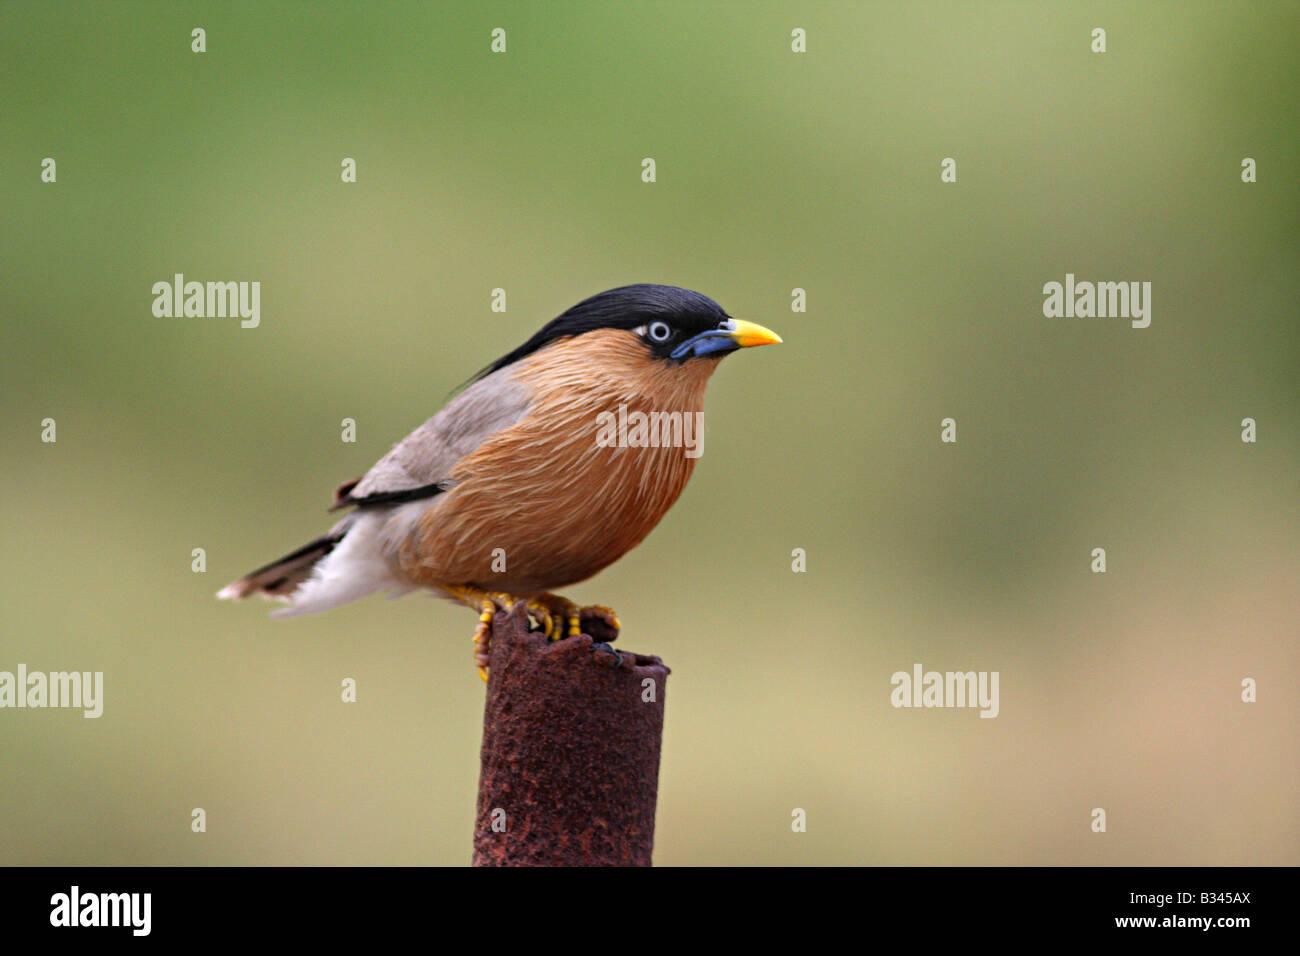 Brahminy starling, Sturnia pagodarum, Bhuleshwar, Pune Dist. - Stock Image